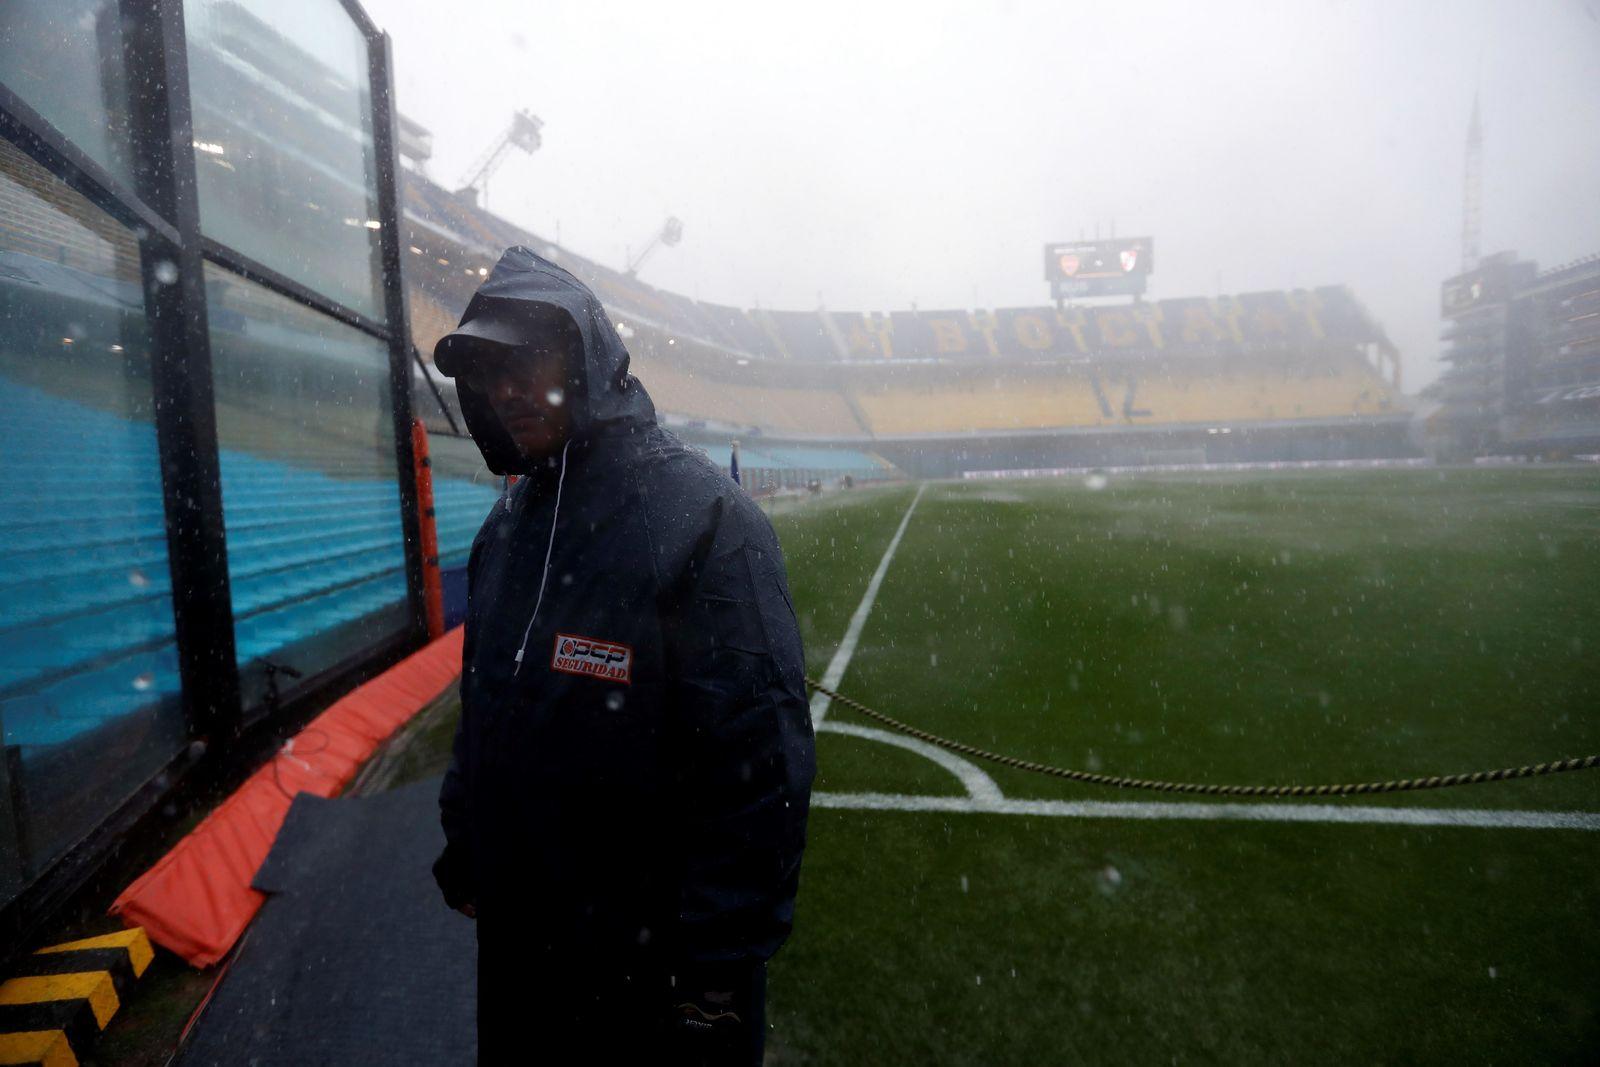 Una fuerte lluvia impidió que el conjunto xeneize brincara a su cancha en búsqueda del título de América.